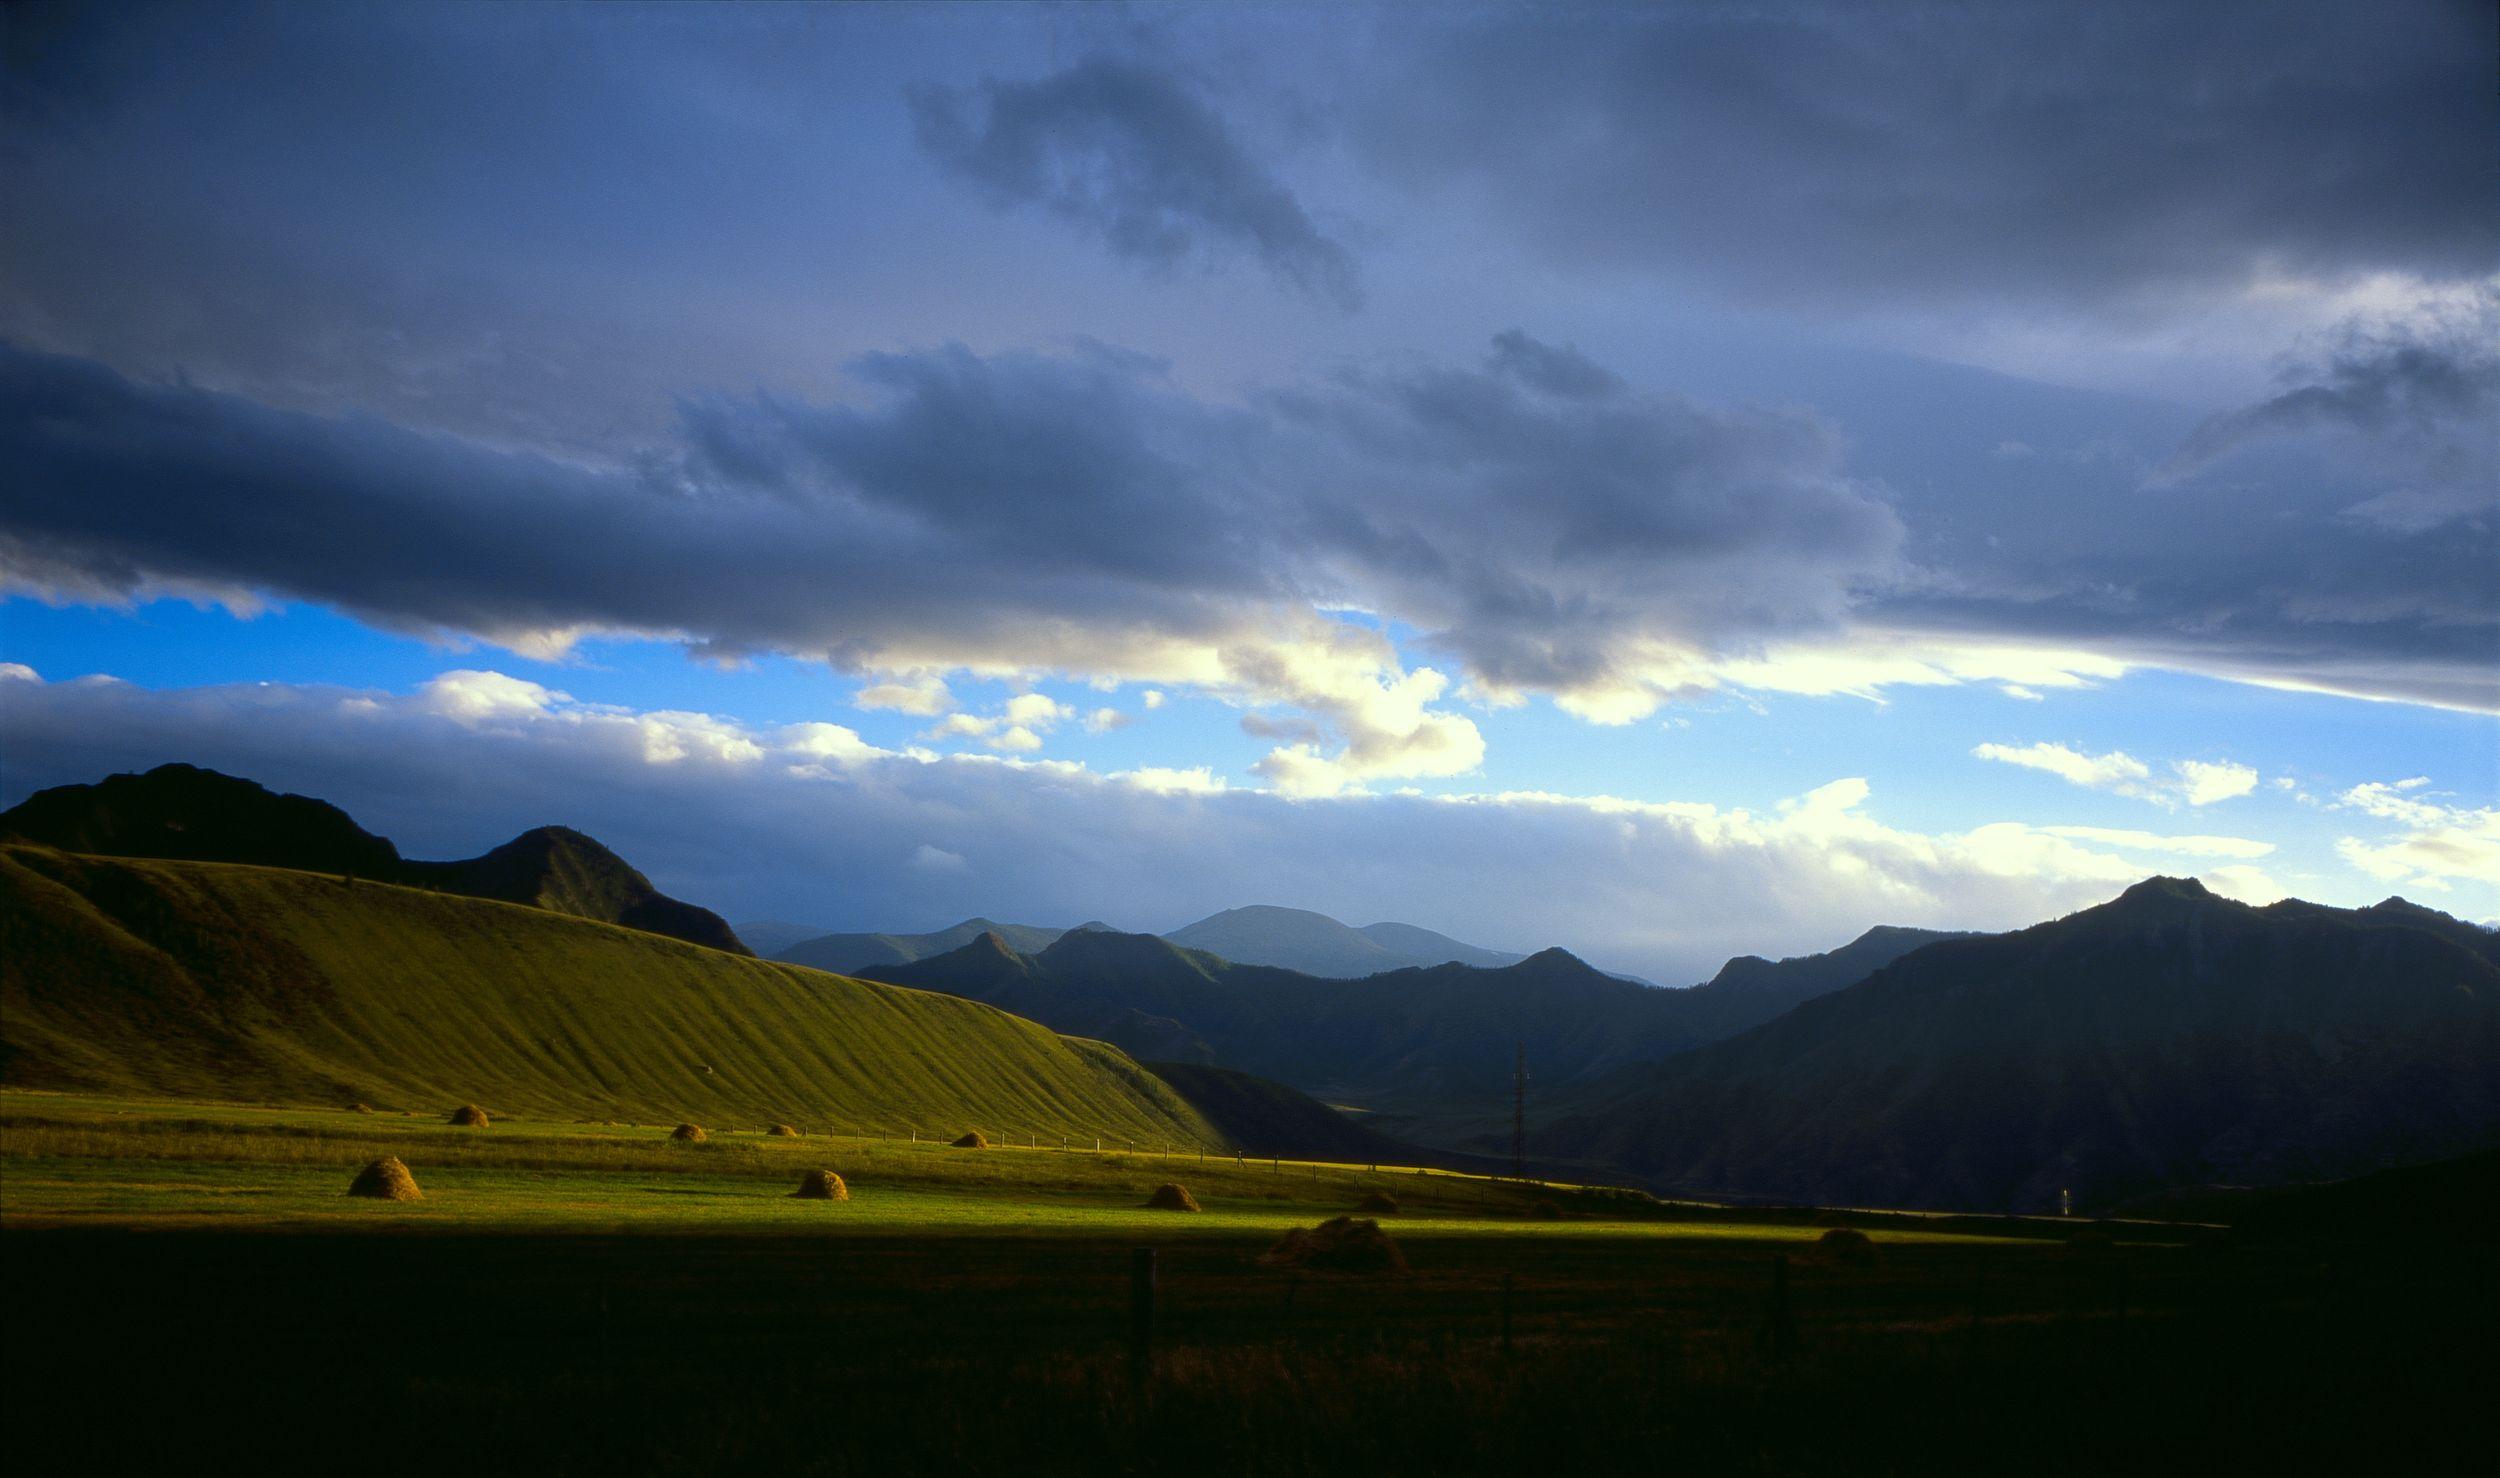 горы, дождь, небо, стог, облака, поле, царапина, Алтай, Ткаченко Дмитрий